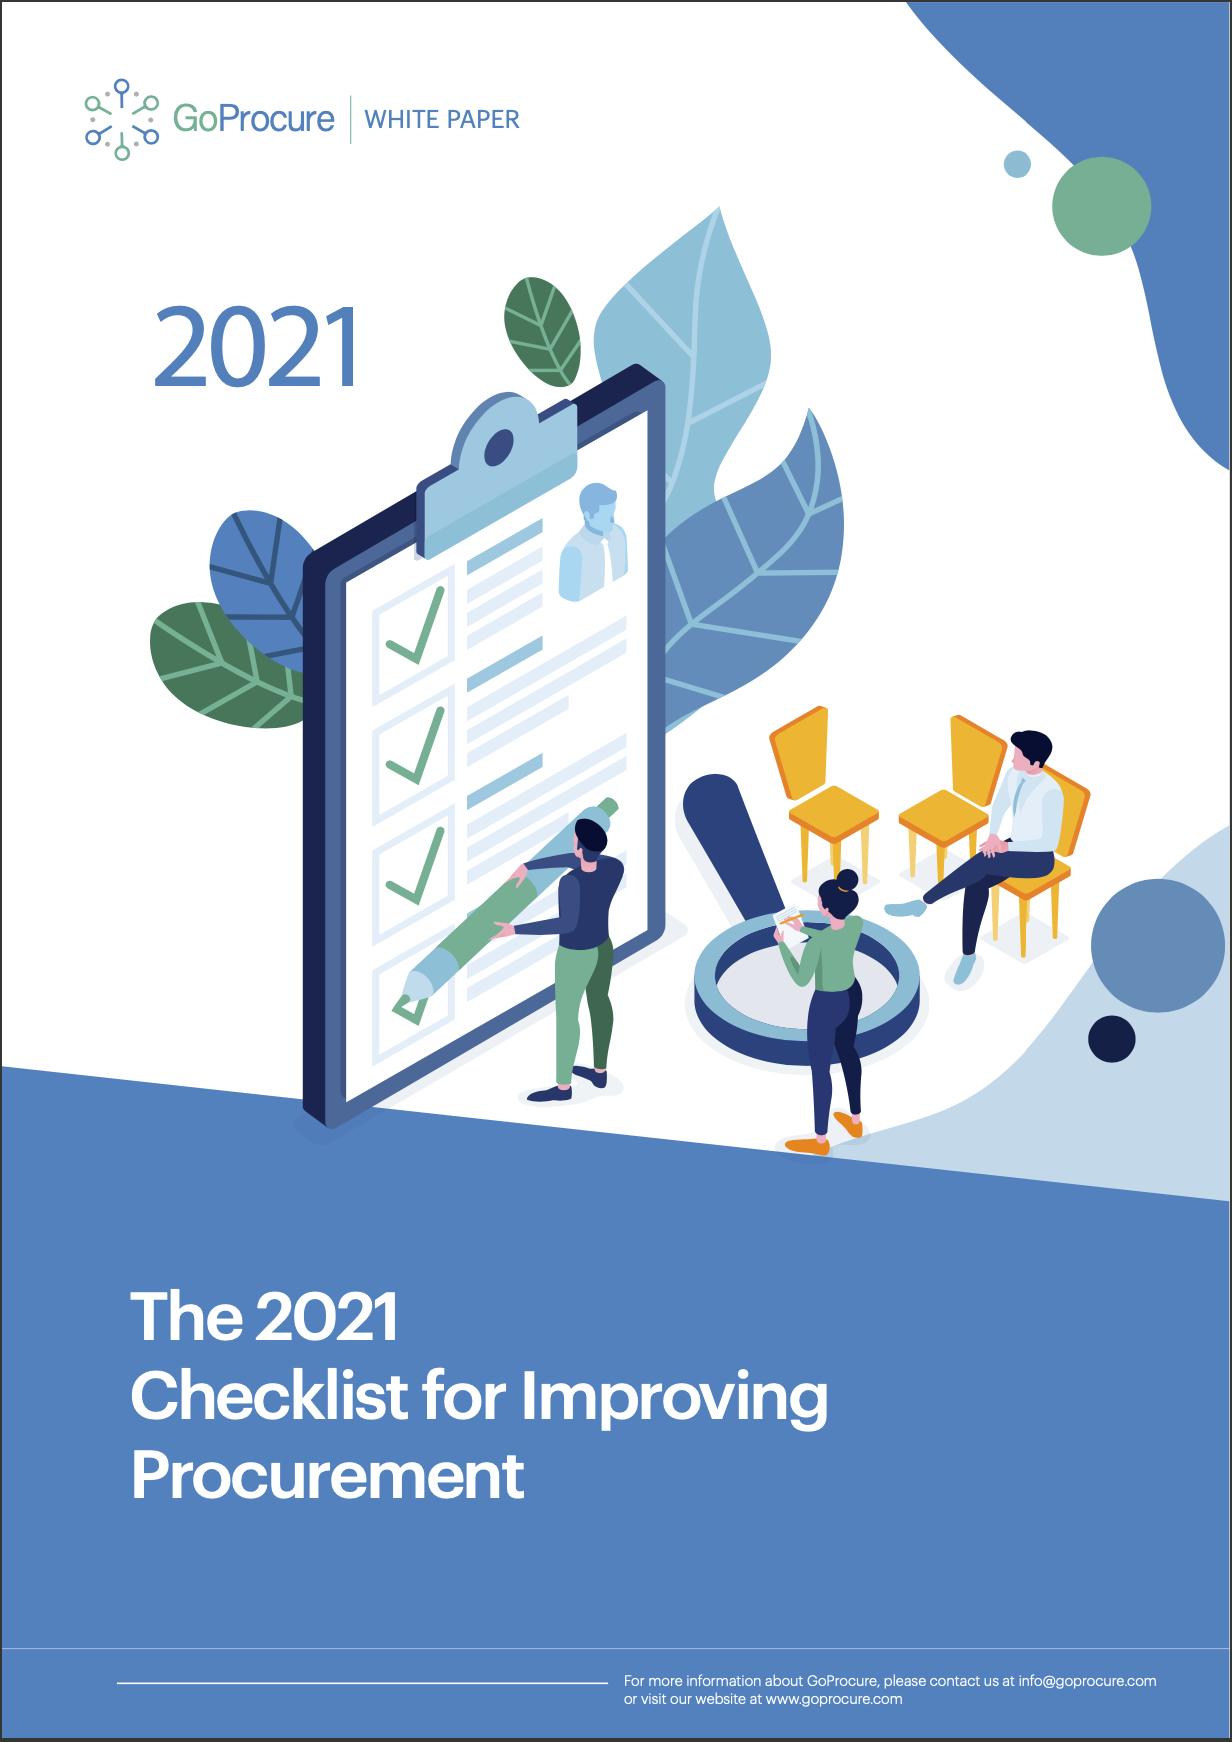 Goprocure 2021 checklist